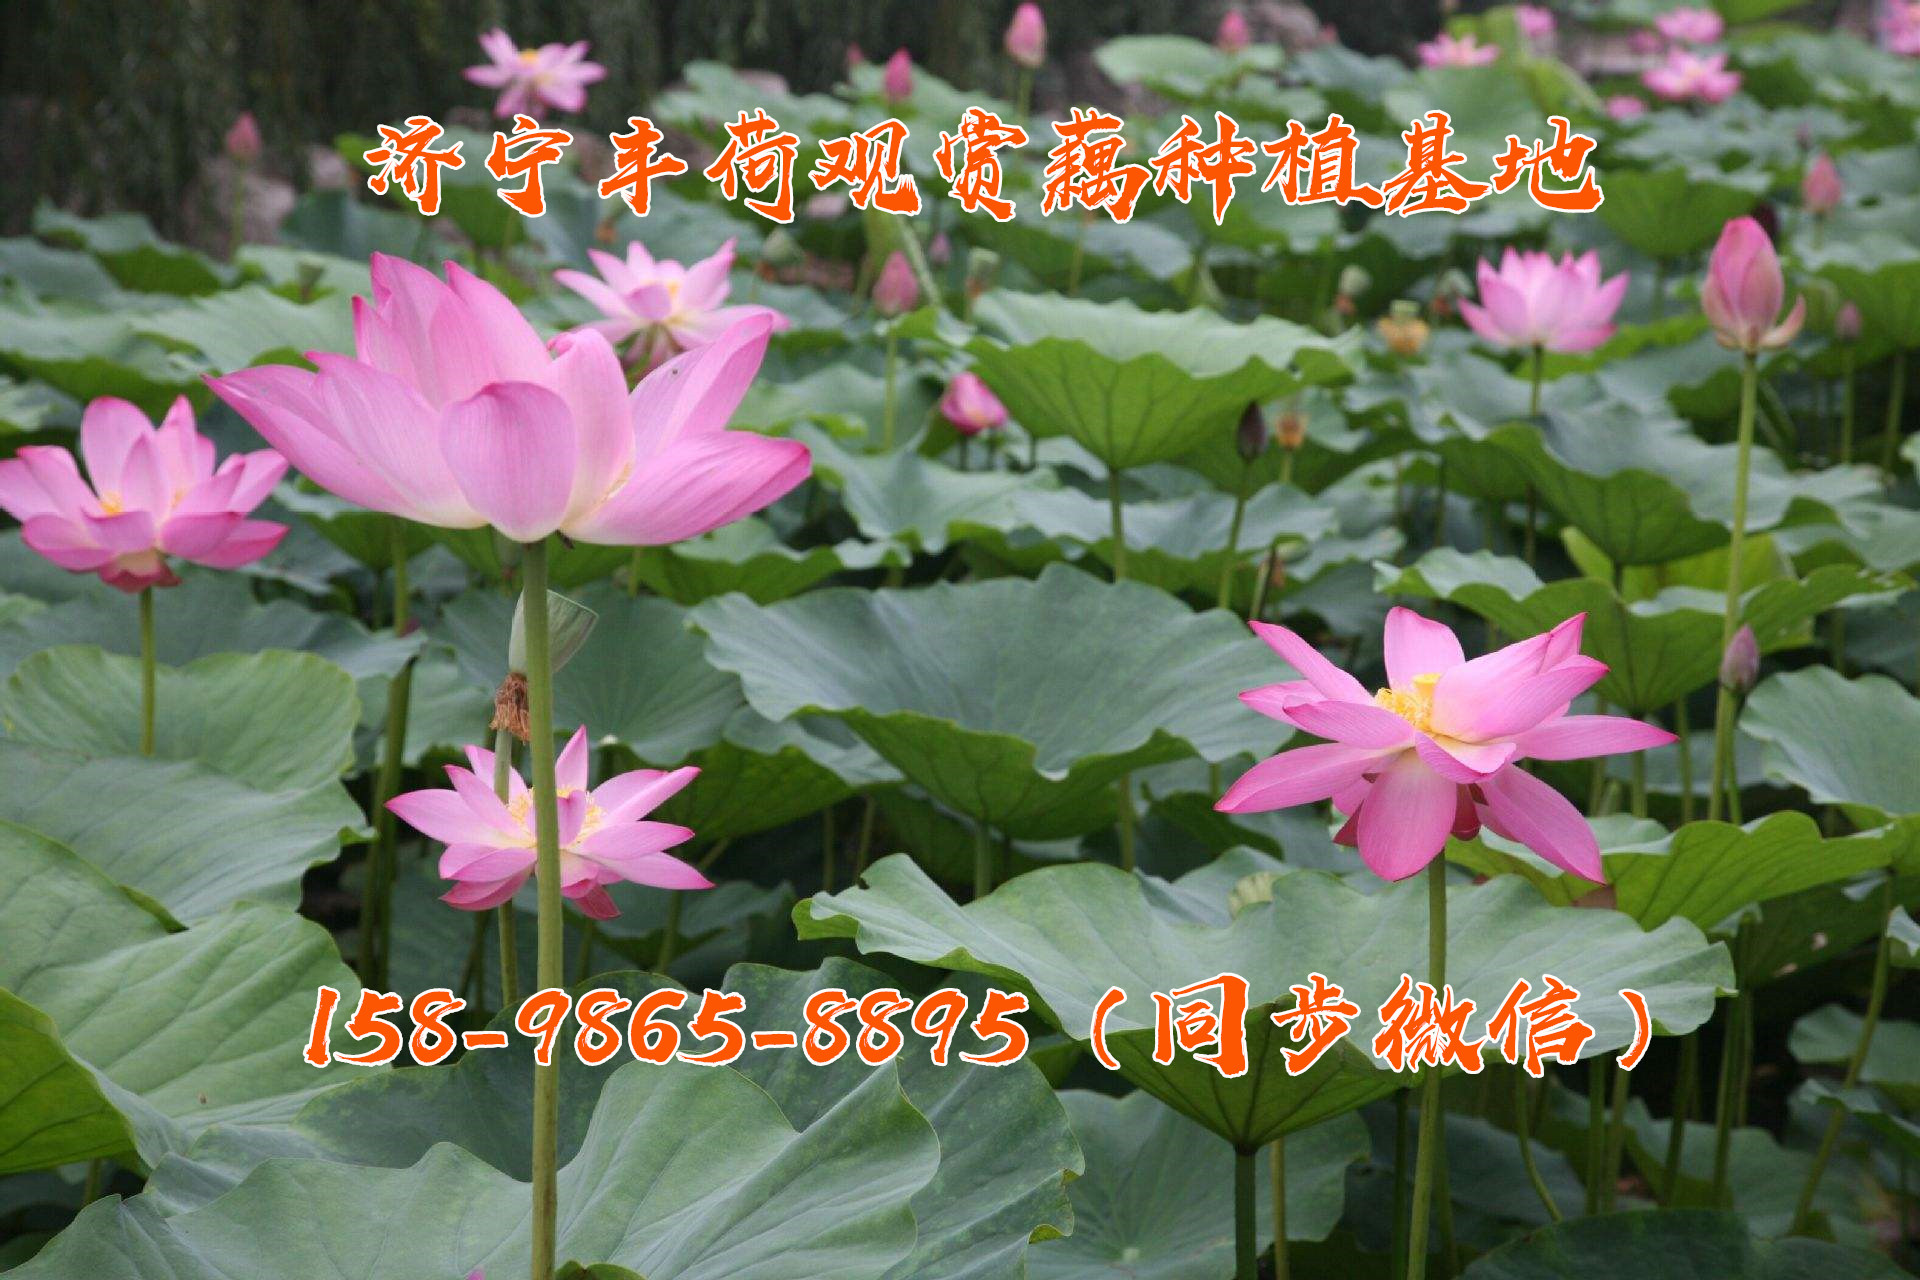 十堰观赏莲种苗多少钱一株